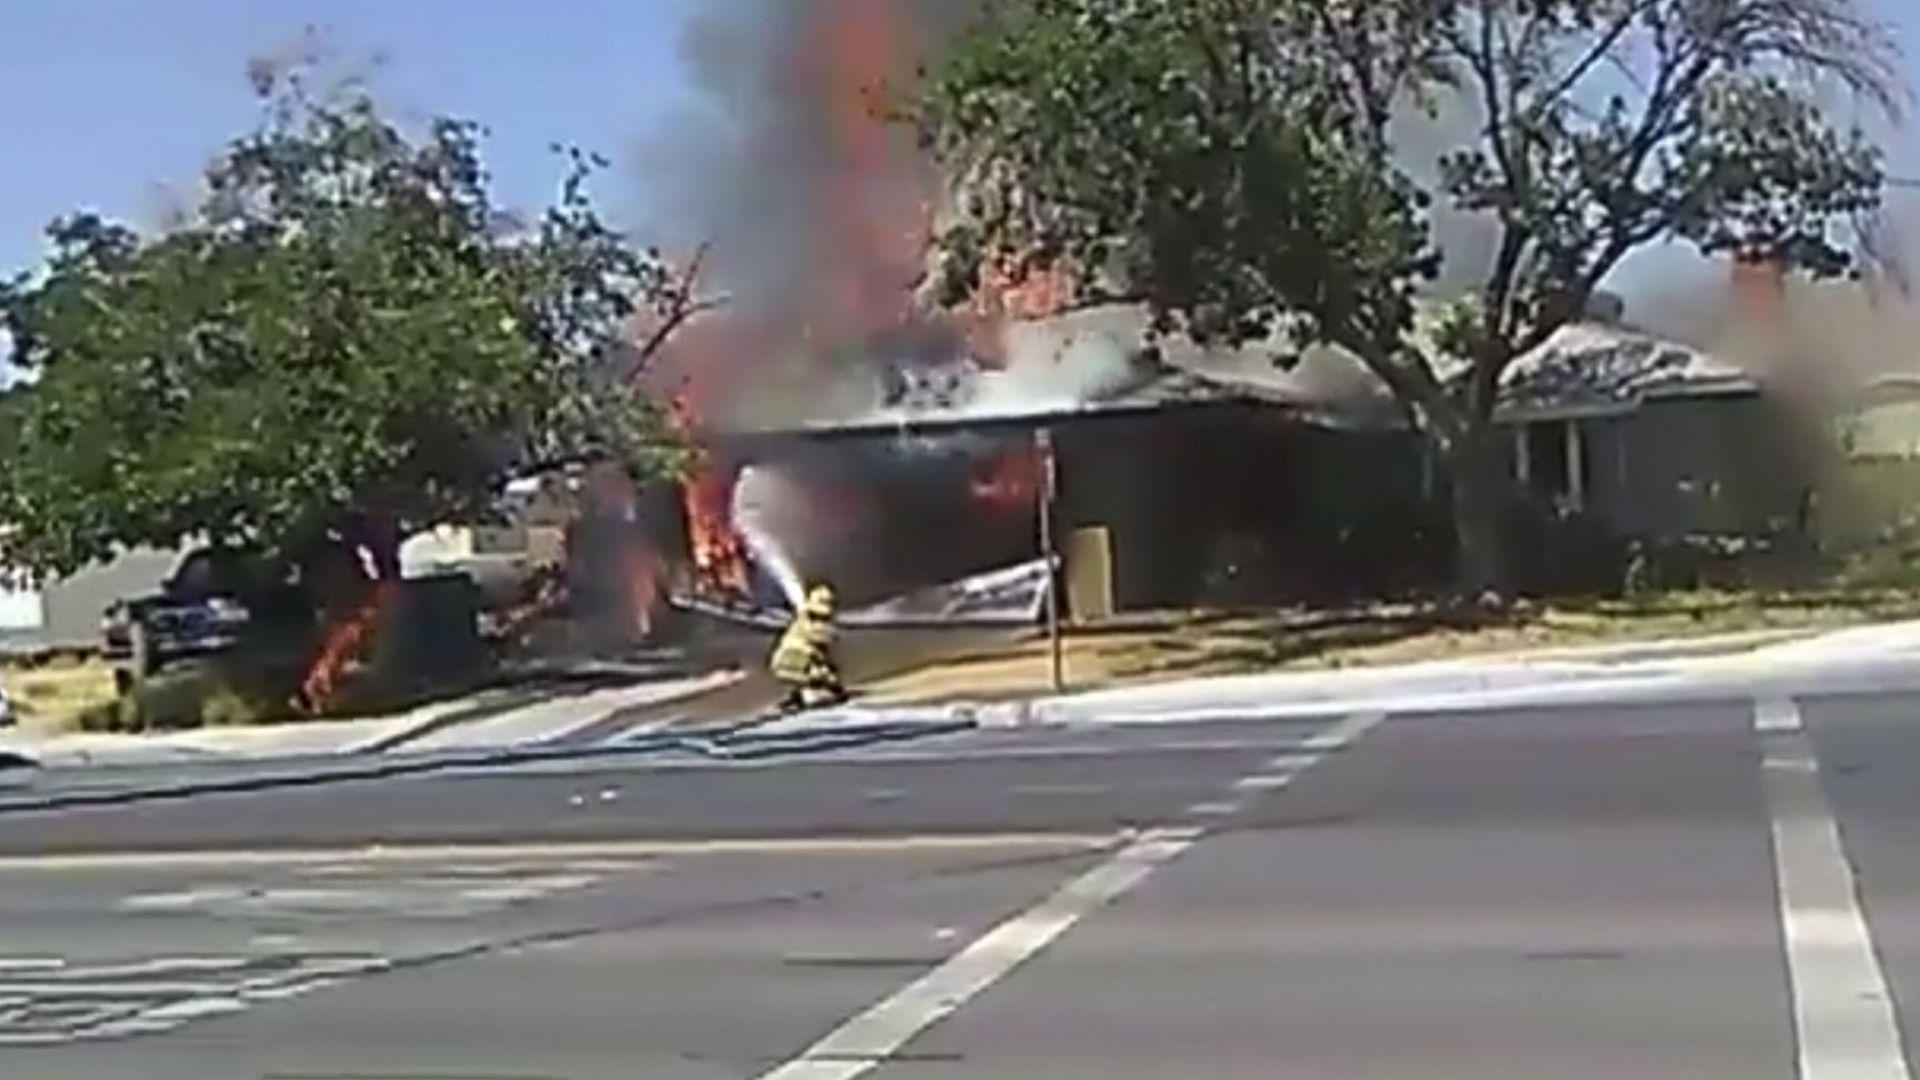 Извънредно положение след труса в Калифорния заради пожари, има ранени (снимки)